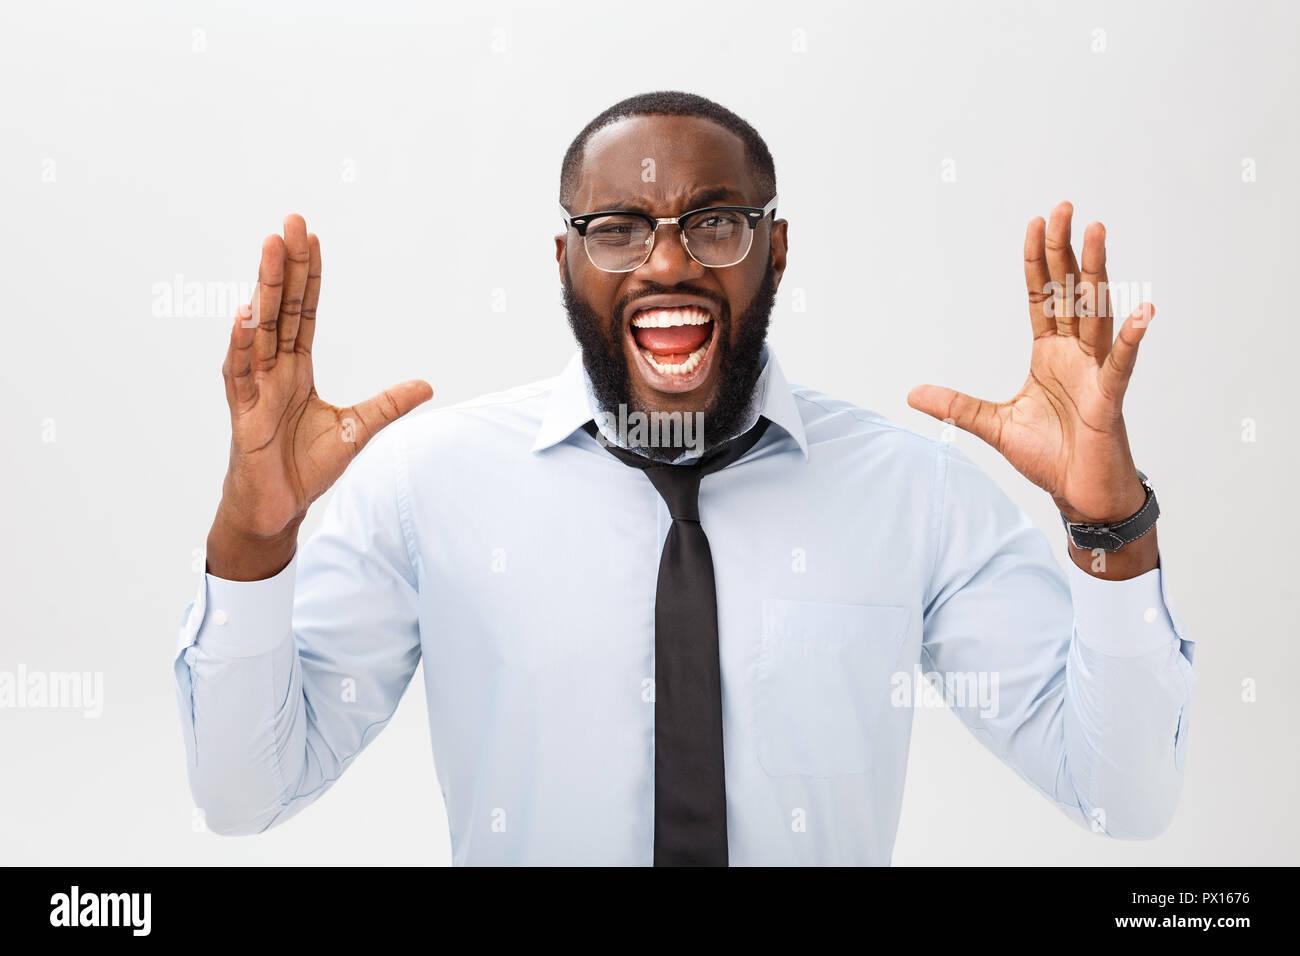 Portrait von verzweifelten genervt männlichen Schwarzen schreiend in Wut und Zorn seine Haare reißen aus, während das Gefühl wütend und Mad mit etwas. Negative menschliche Gesicht Ausdruck, Emotionen und Gefühle. Stockfoto